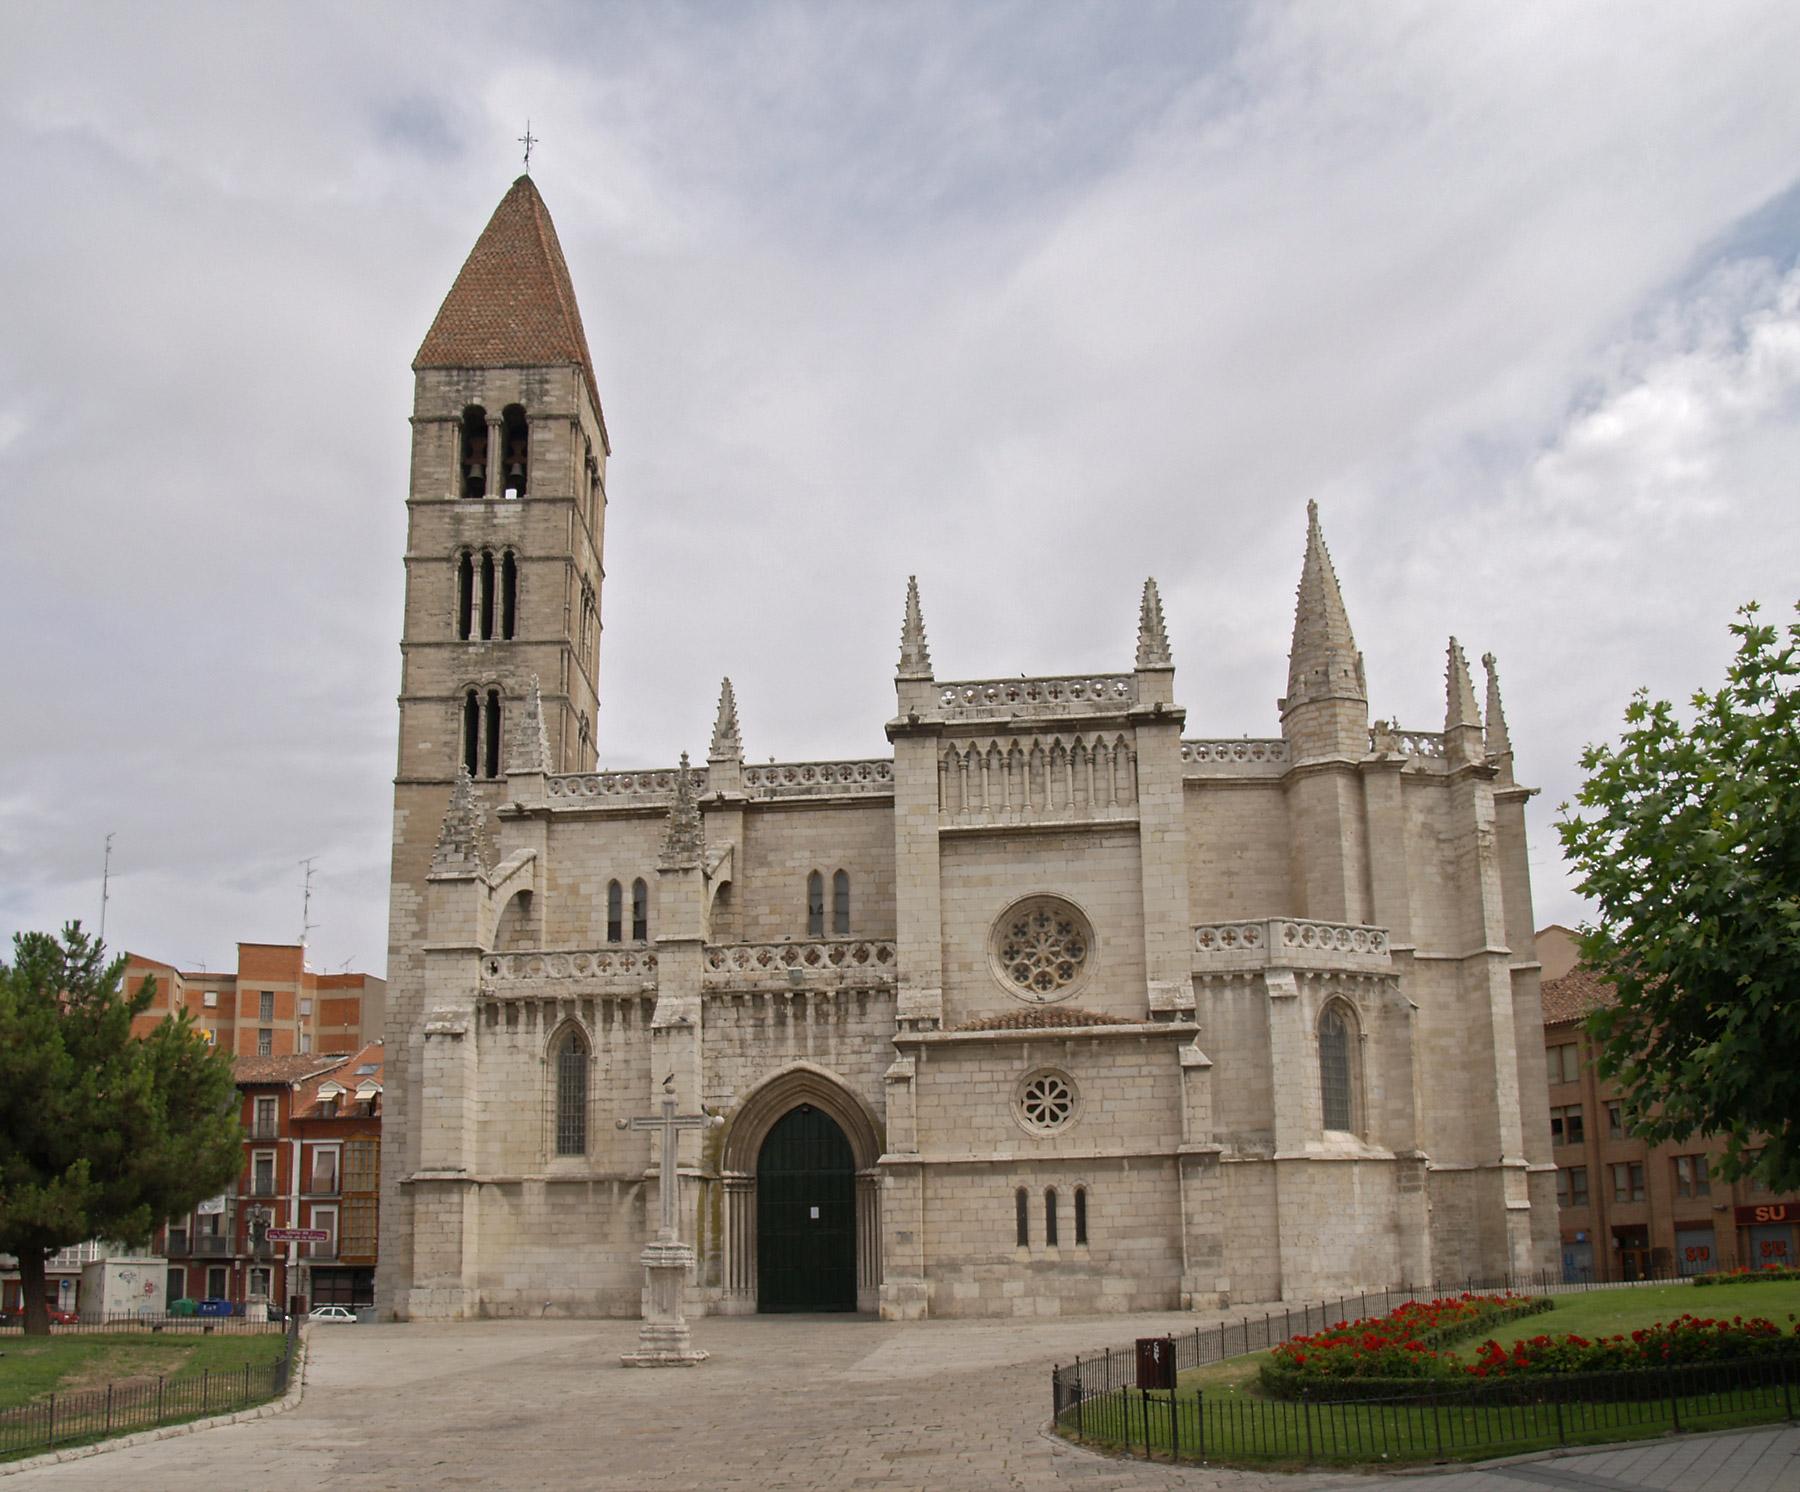 Iglesia de santa mar a la antigua wikipedia la for Fuera de juego del valladolid